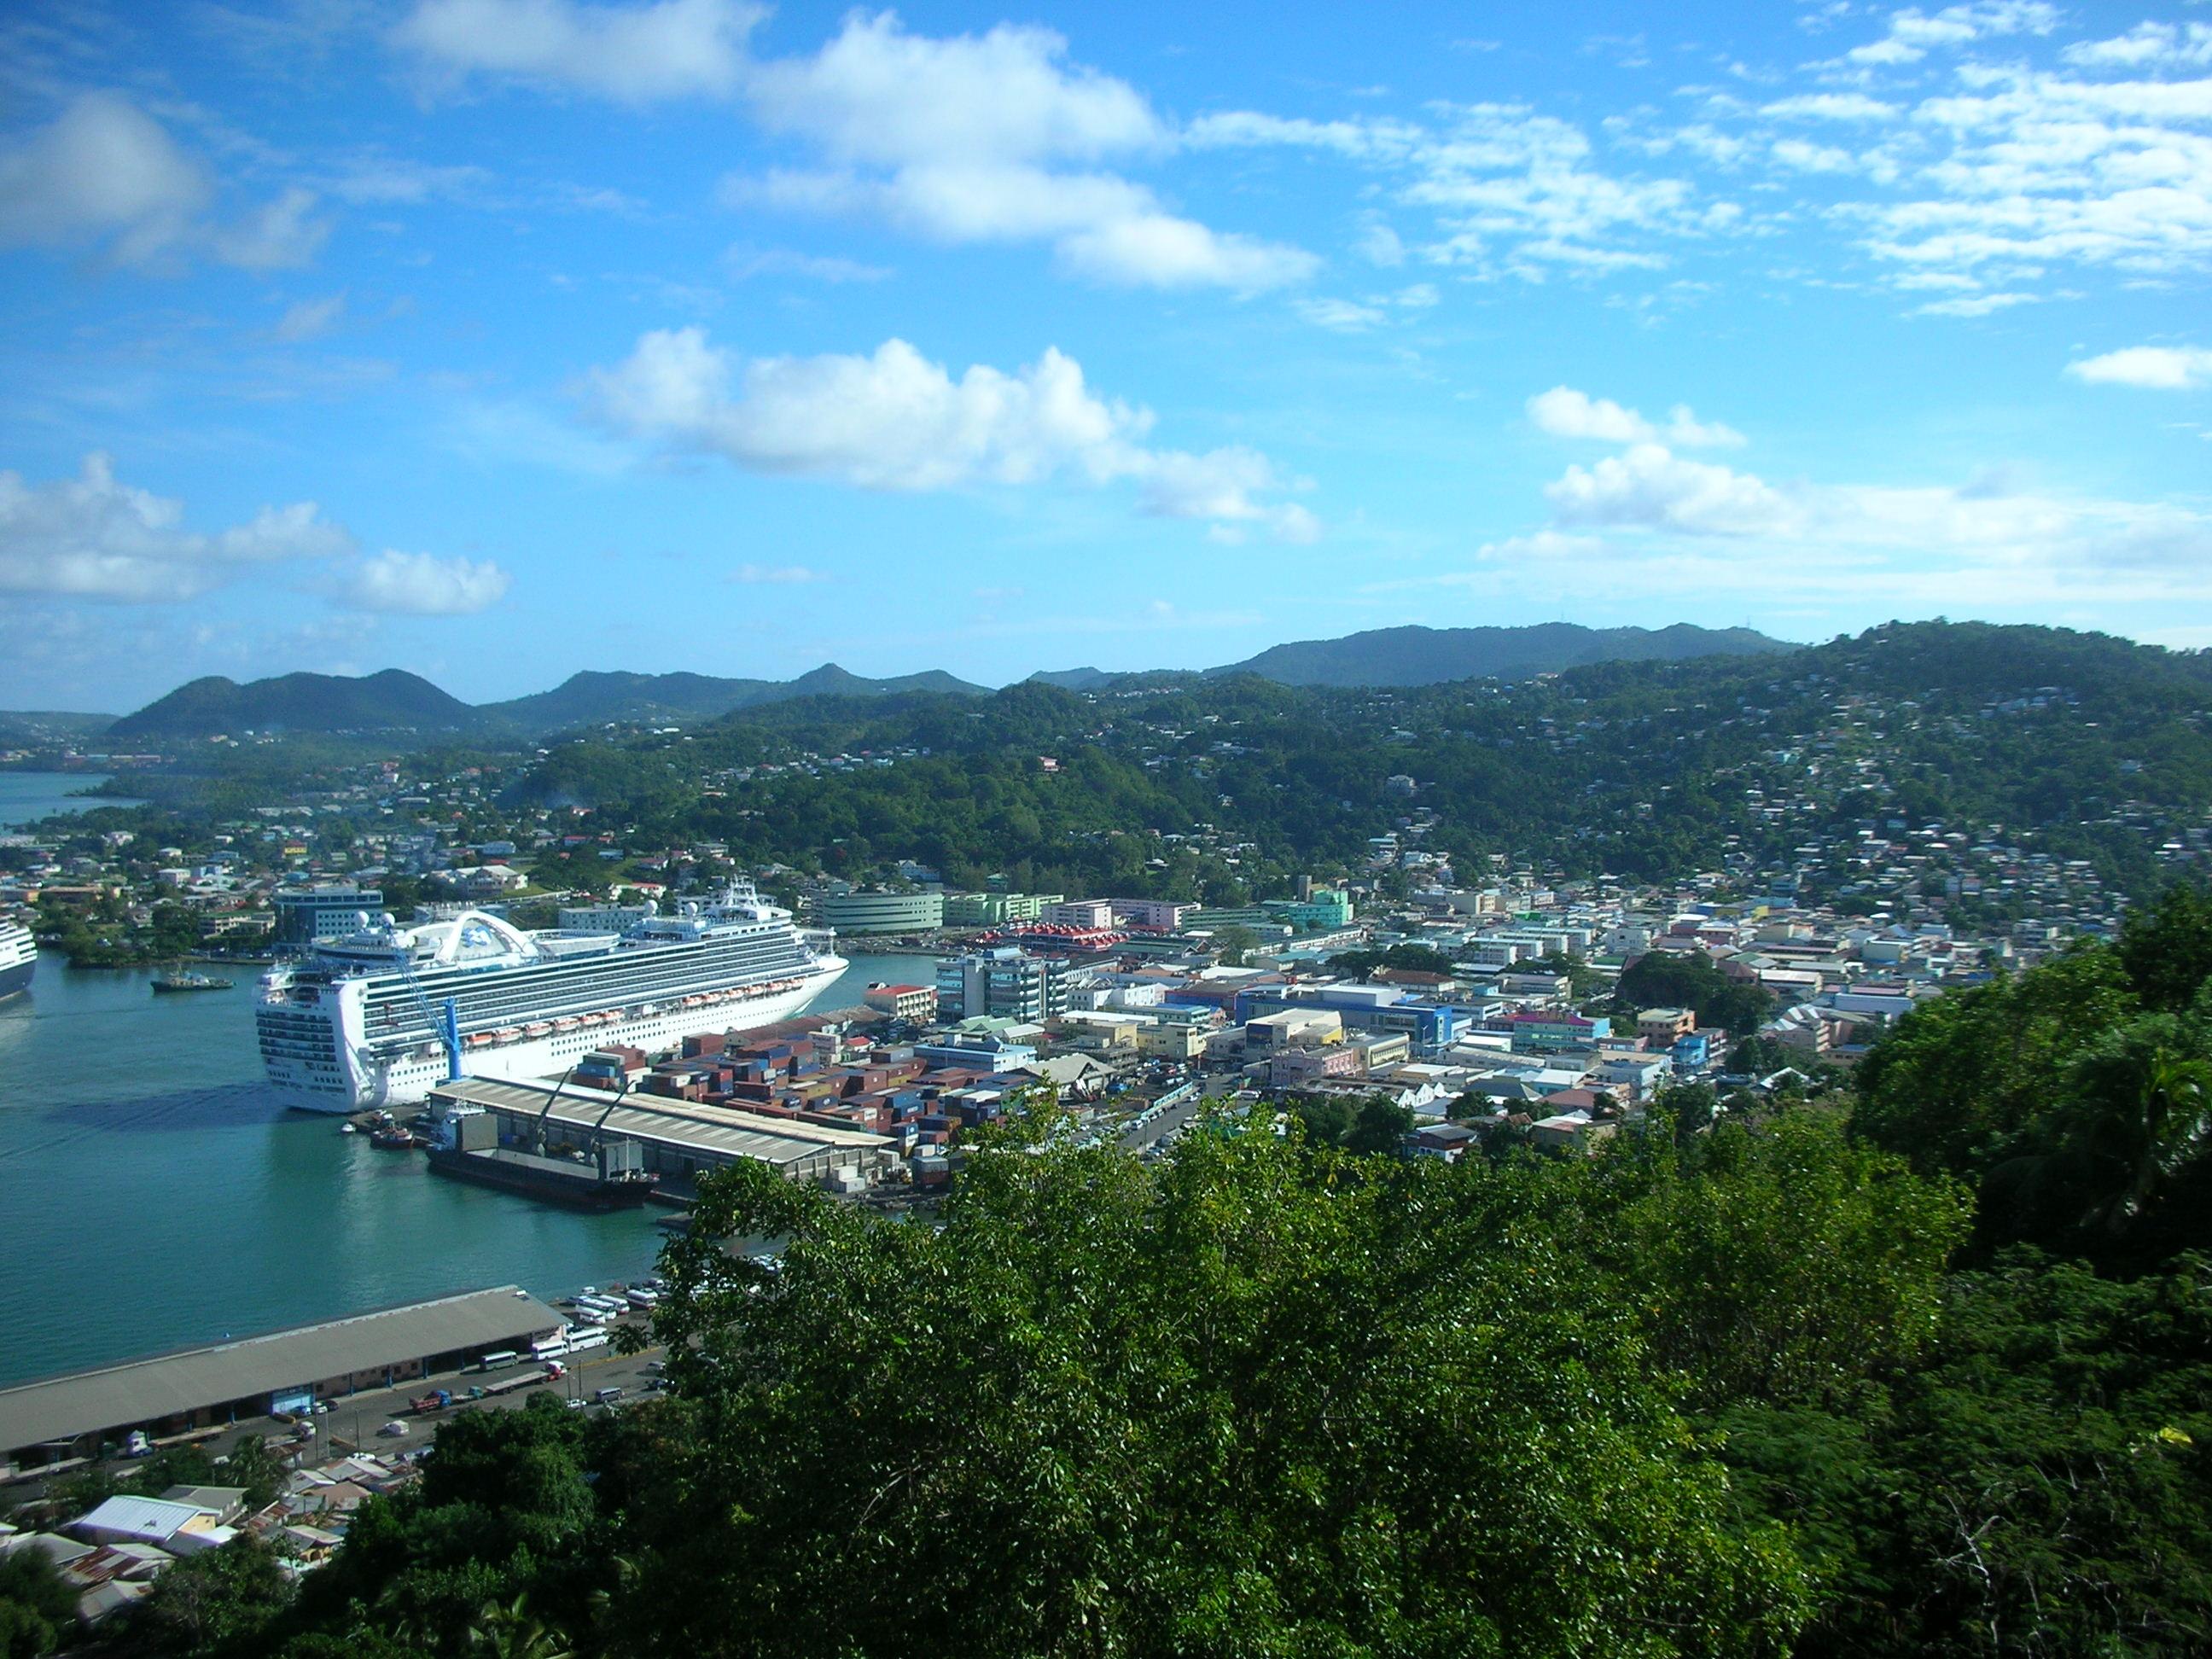 Noleggio Barche St. Lucia - Navalia | Noleggia un Sogno